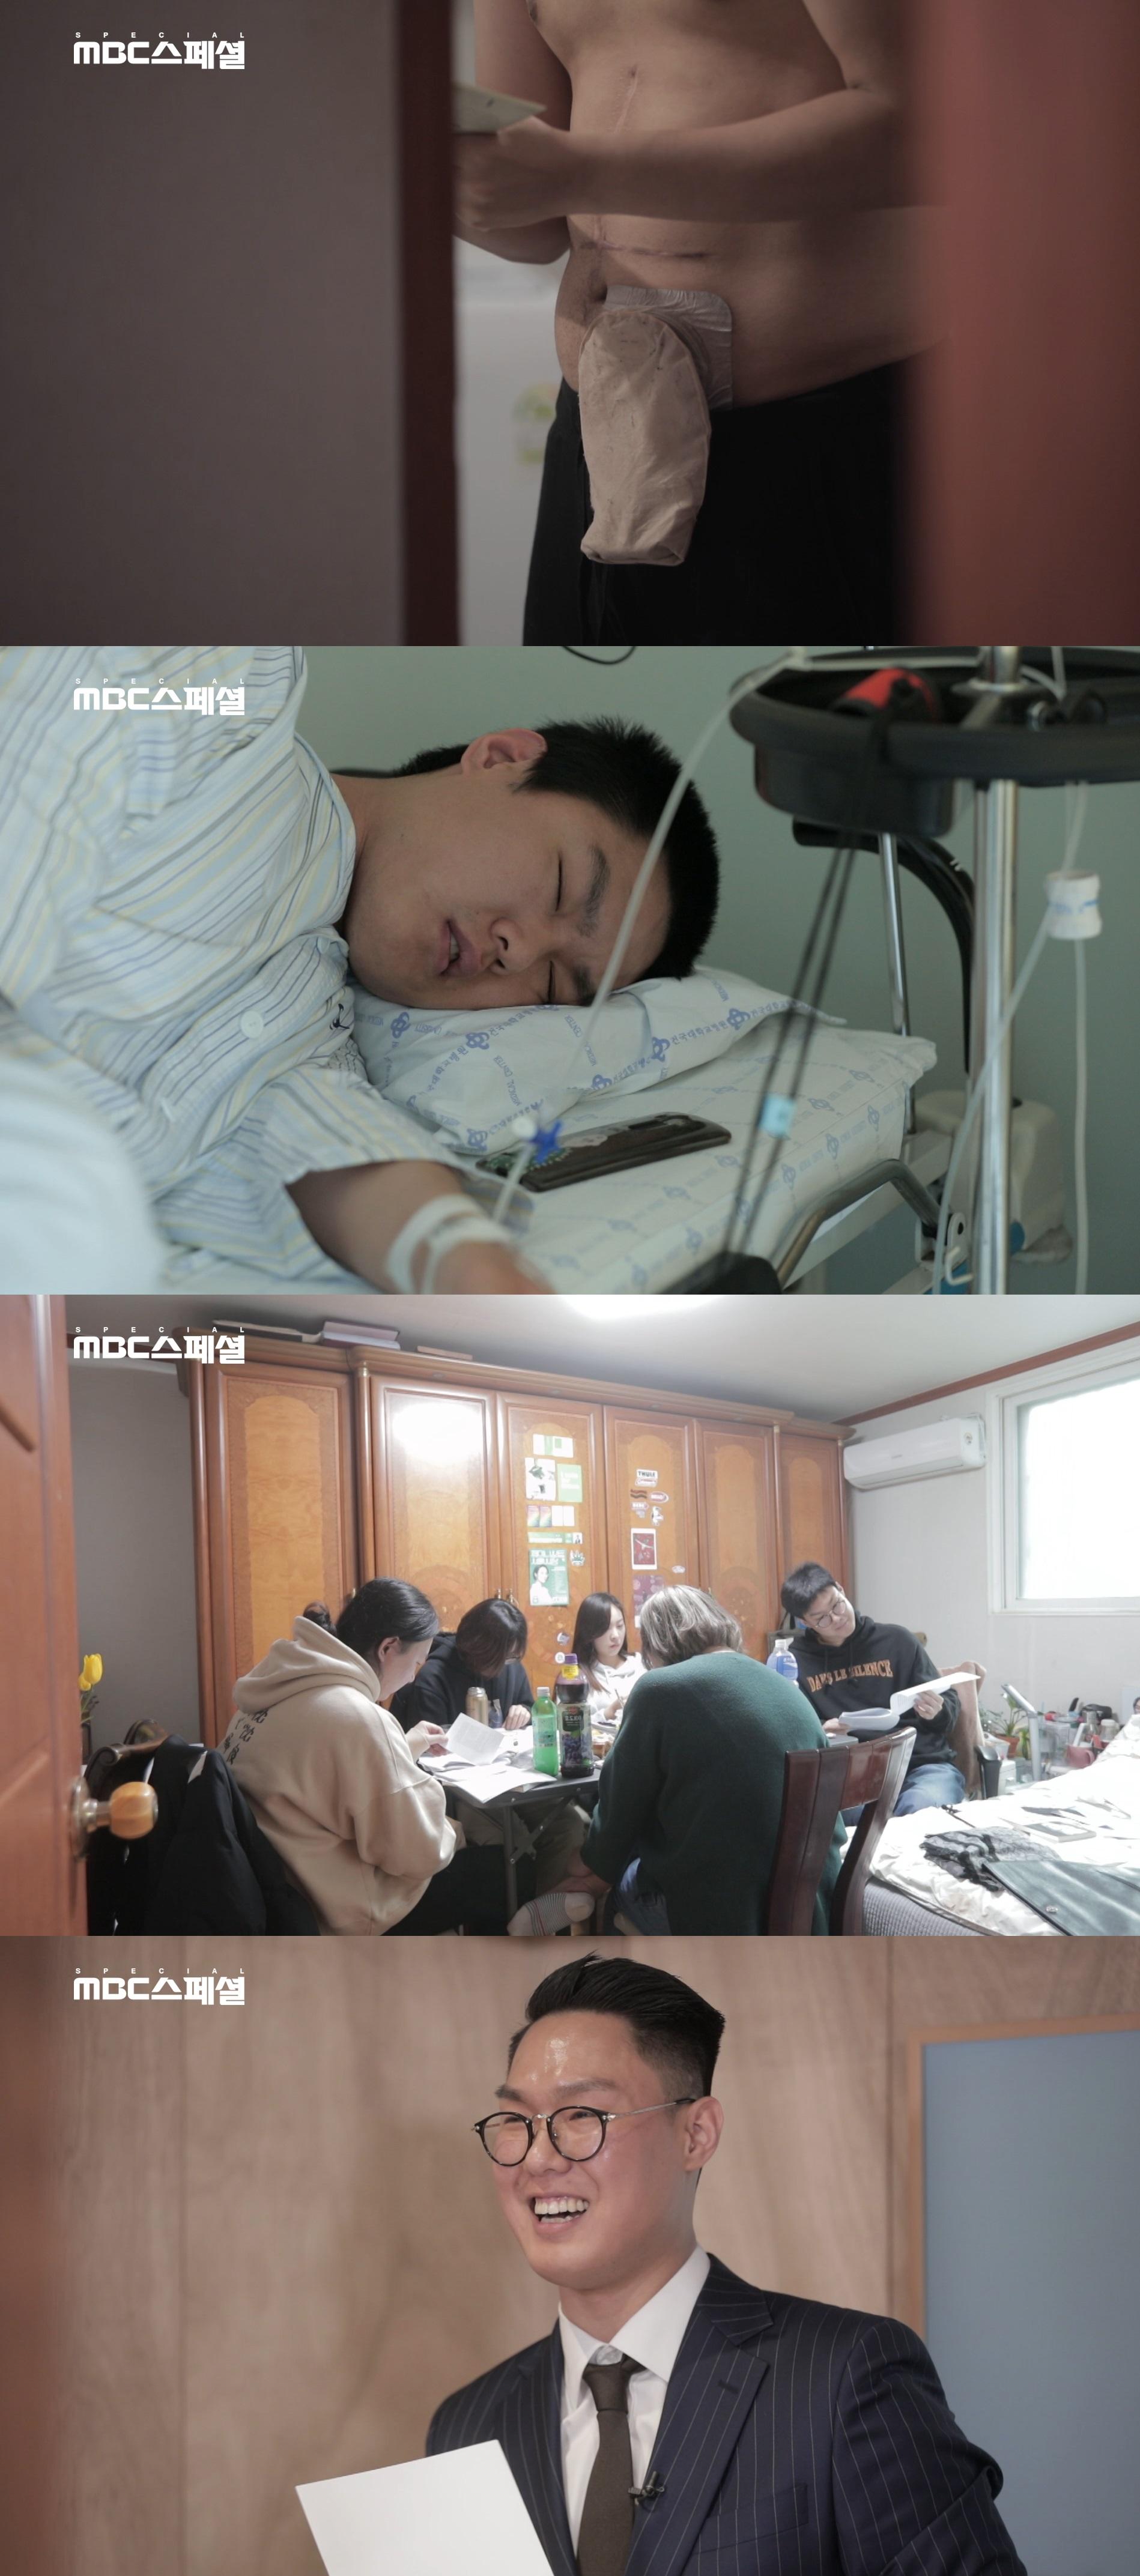 'MBC스페셜' 말기 암 환자가 그리는 삶의 마지막 '내가 죽는 날에는'